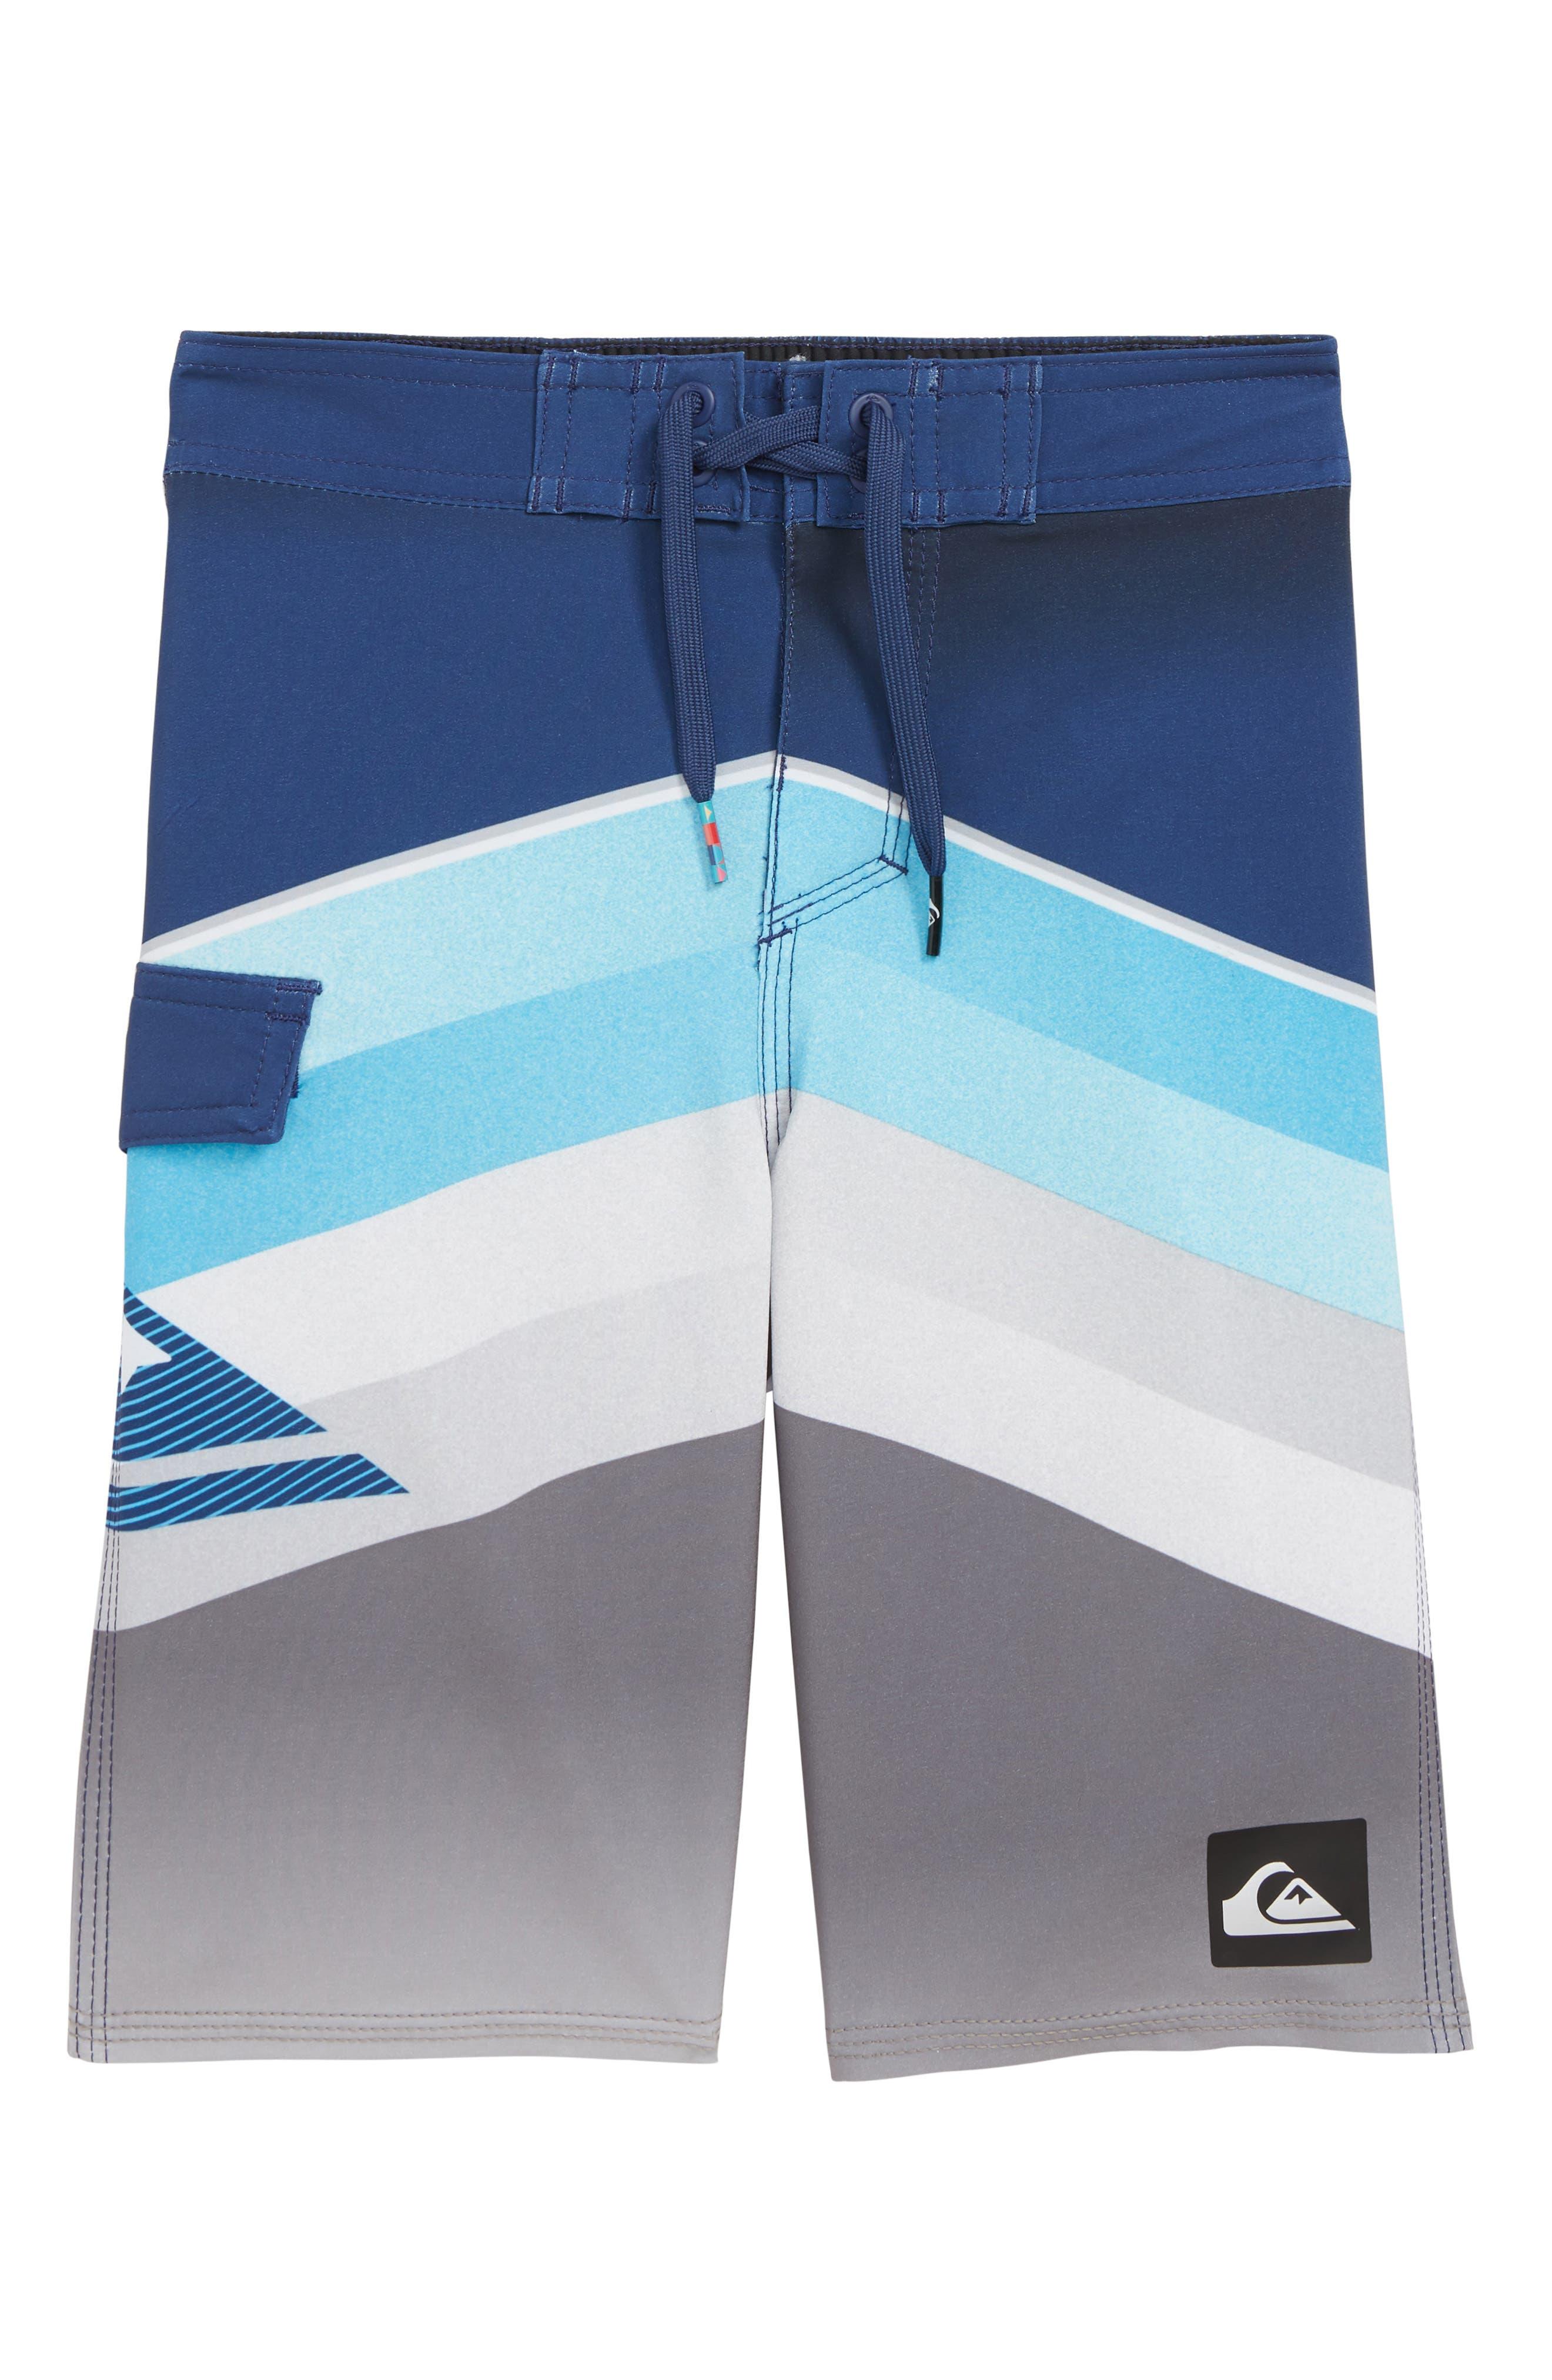 Divide Board Shorts,                             Main thumbnail 1, color,                             BLACK